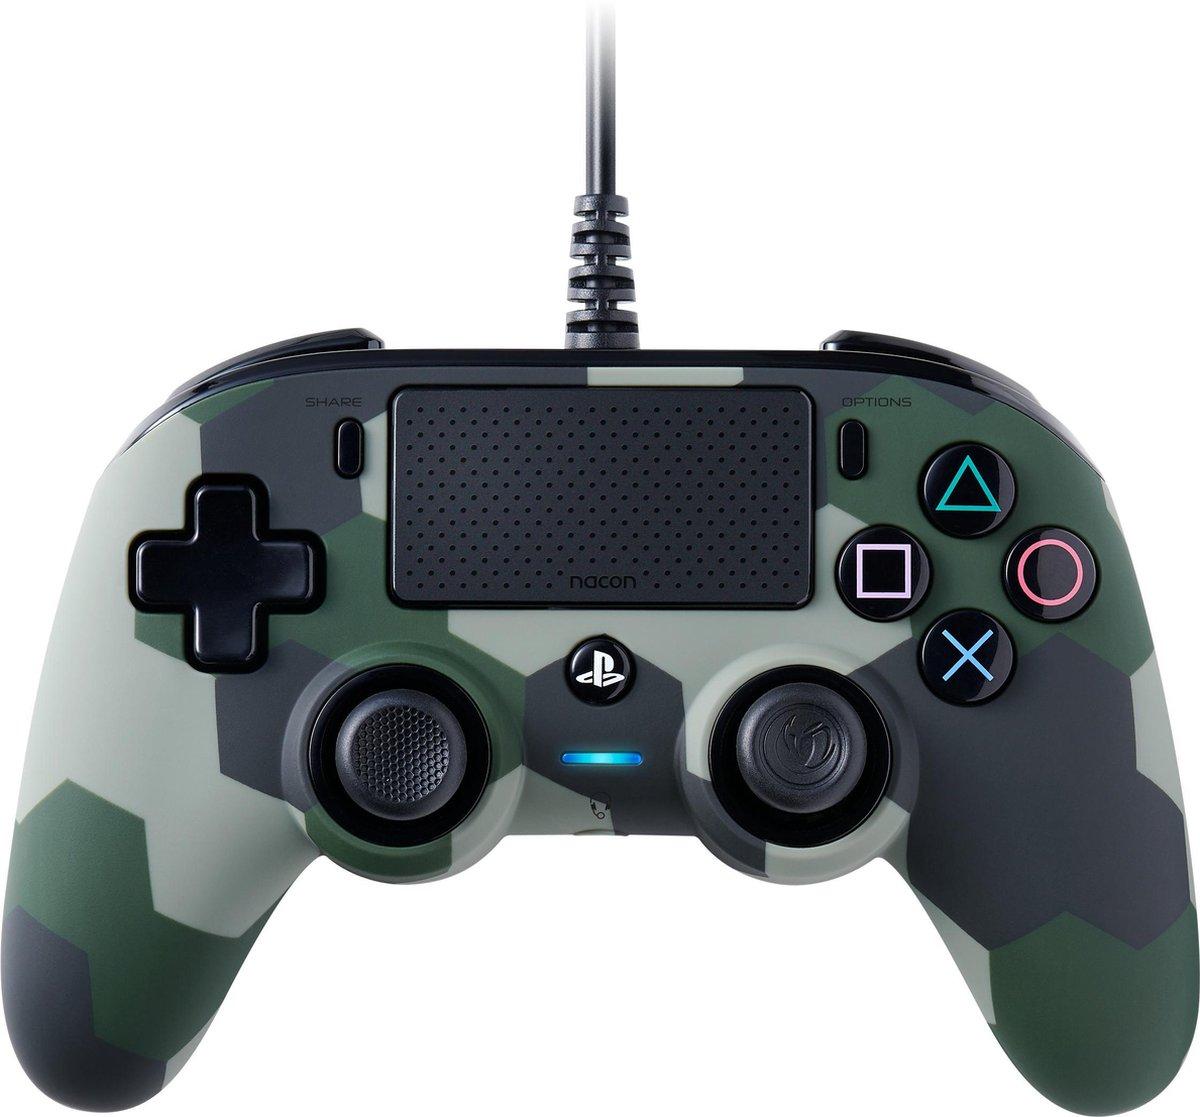 Nacon Compact Official Licensed Bedrade Controller - PS4 - Camo